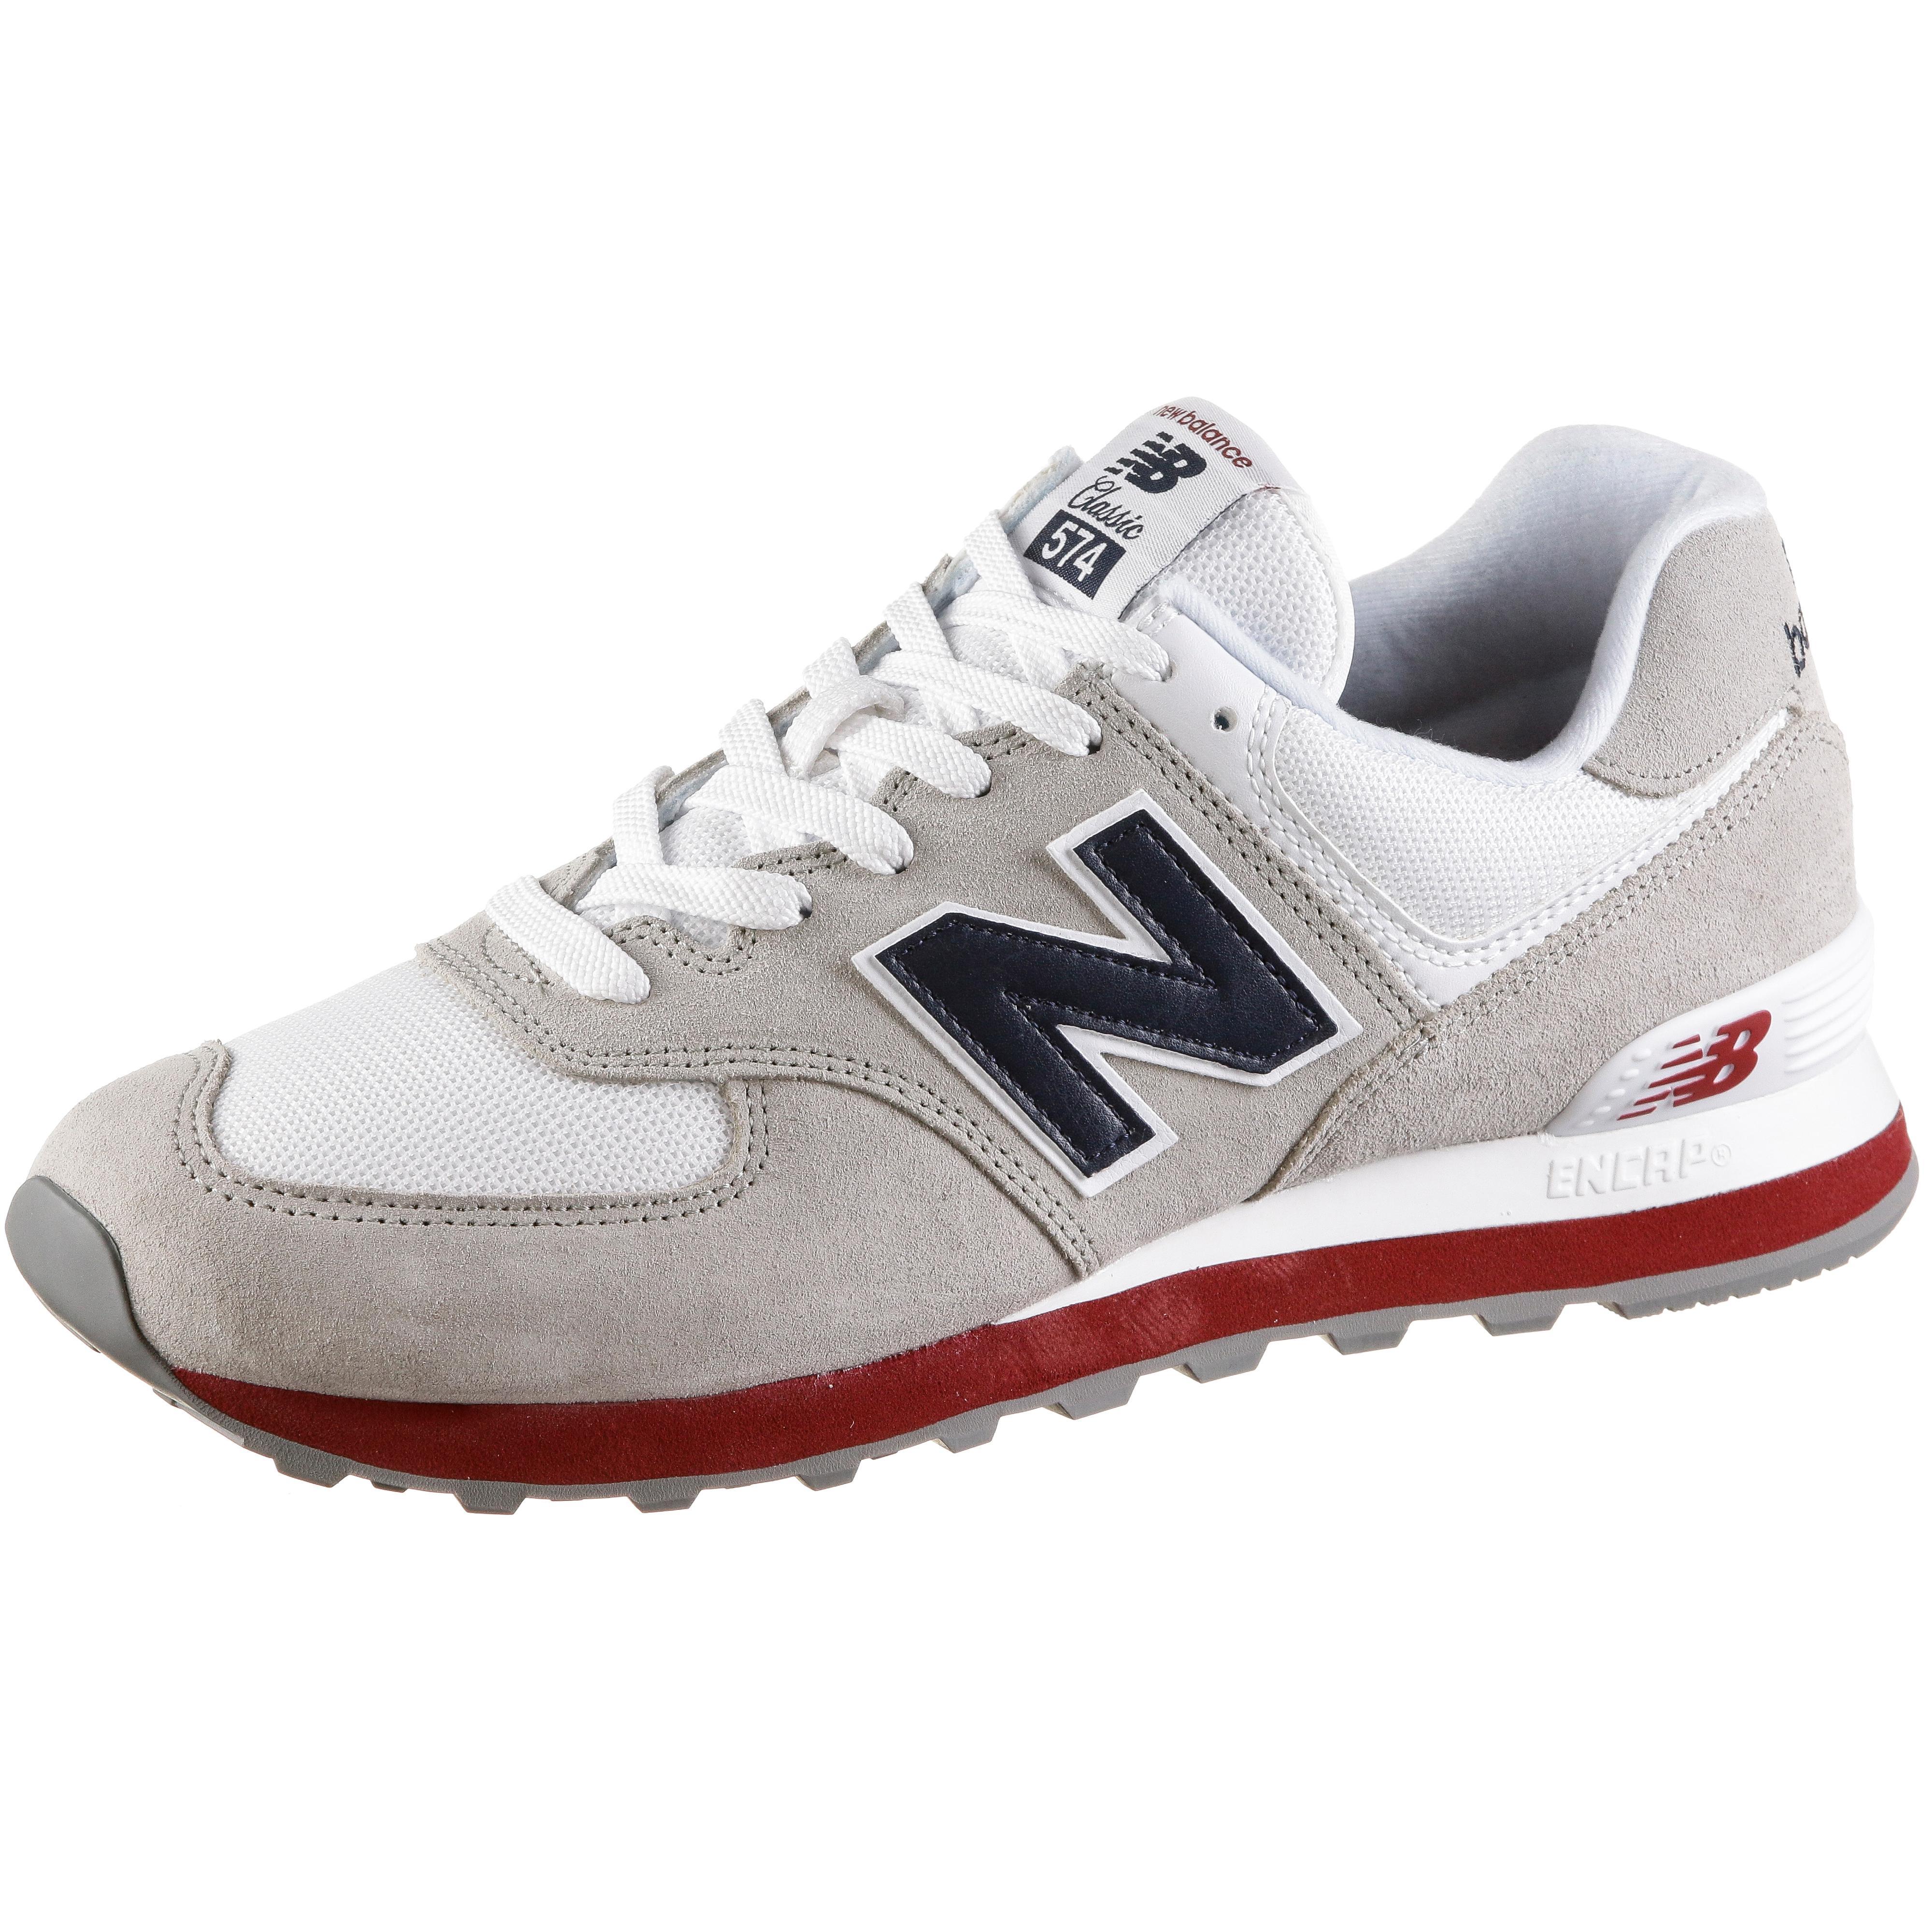 new balance shop aktuelles nb sortiment im sportscheck online shop  new balance ml574 sneaker herren nimbus cloud